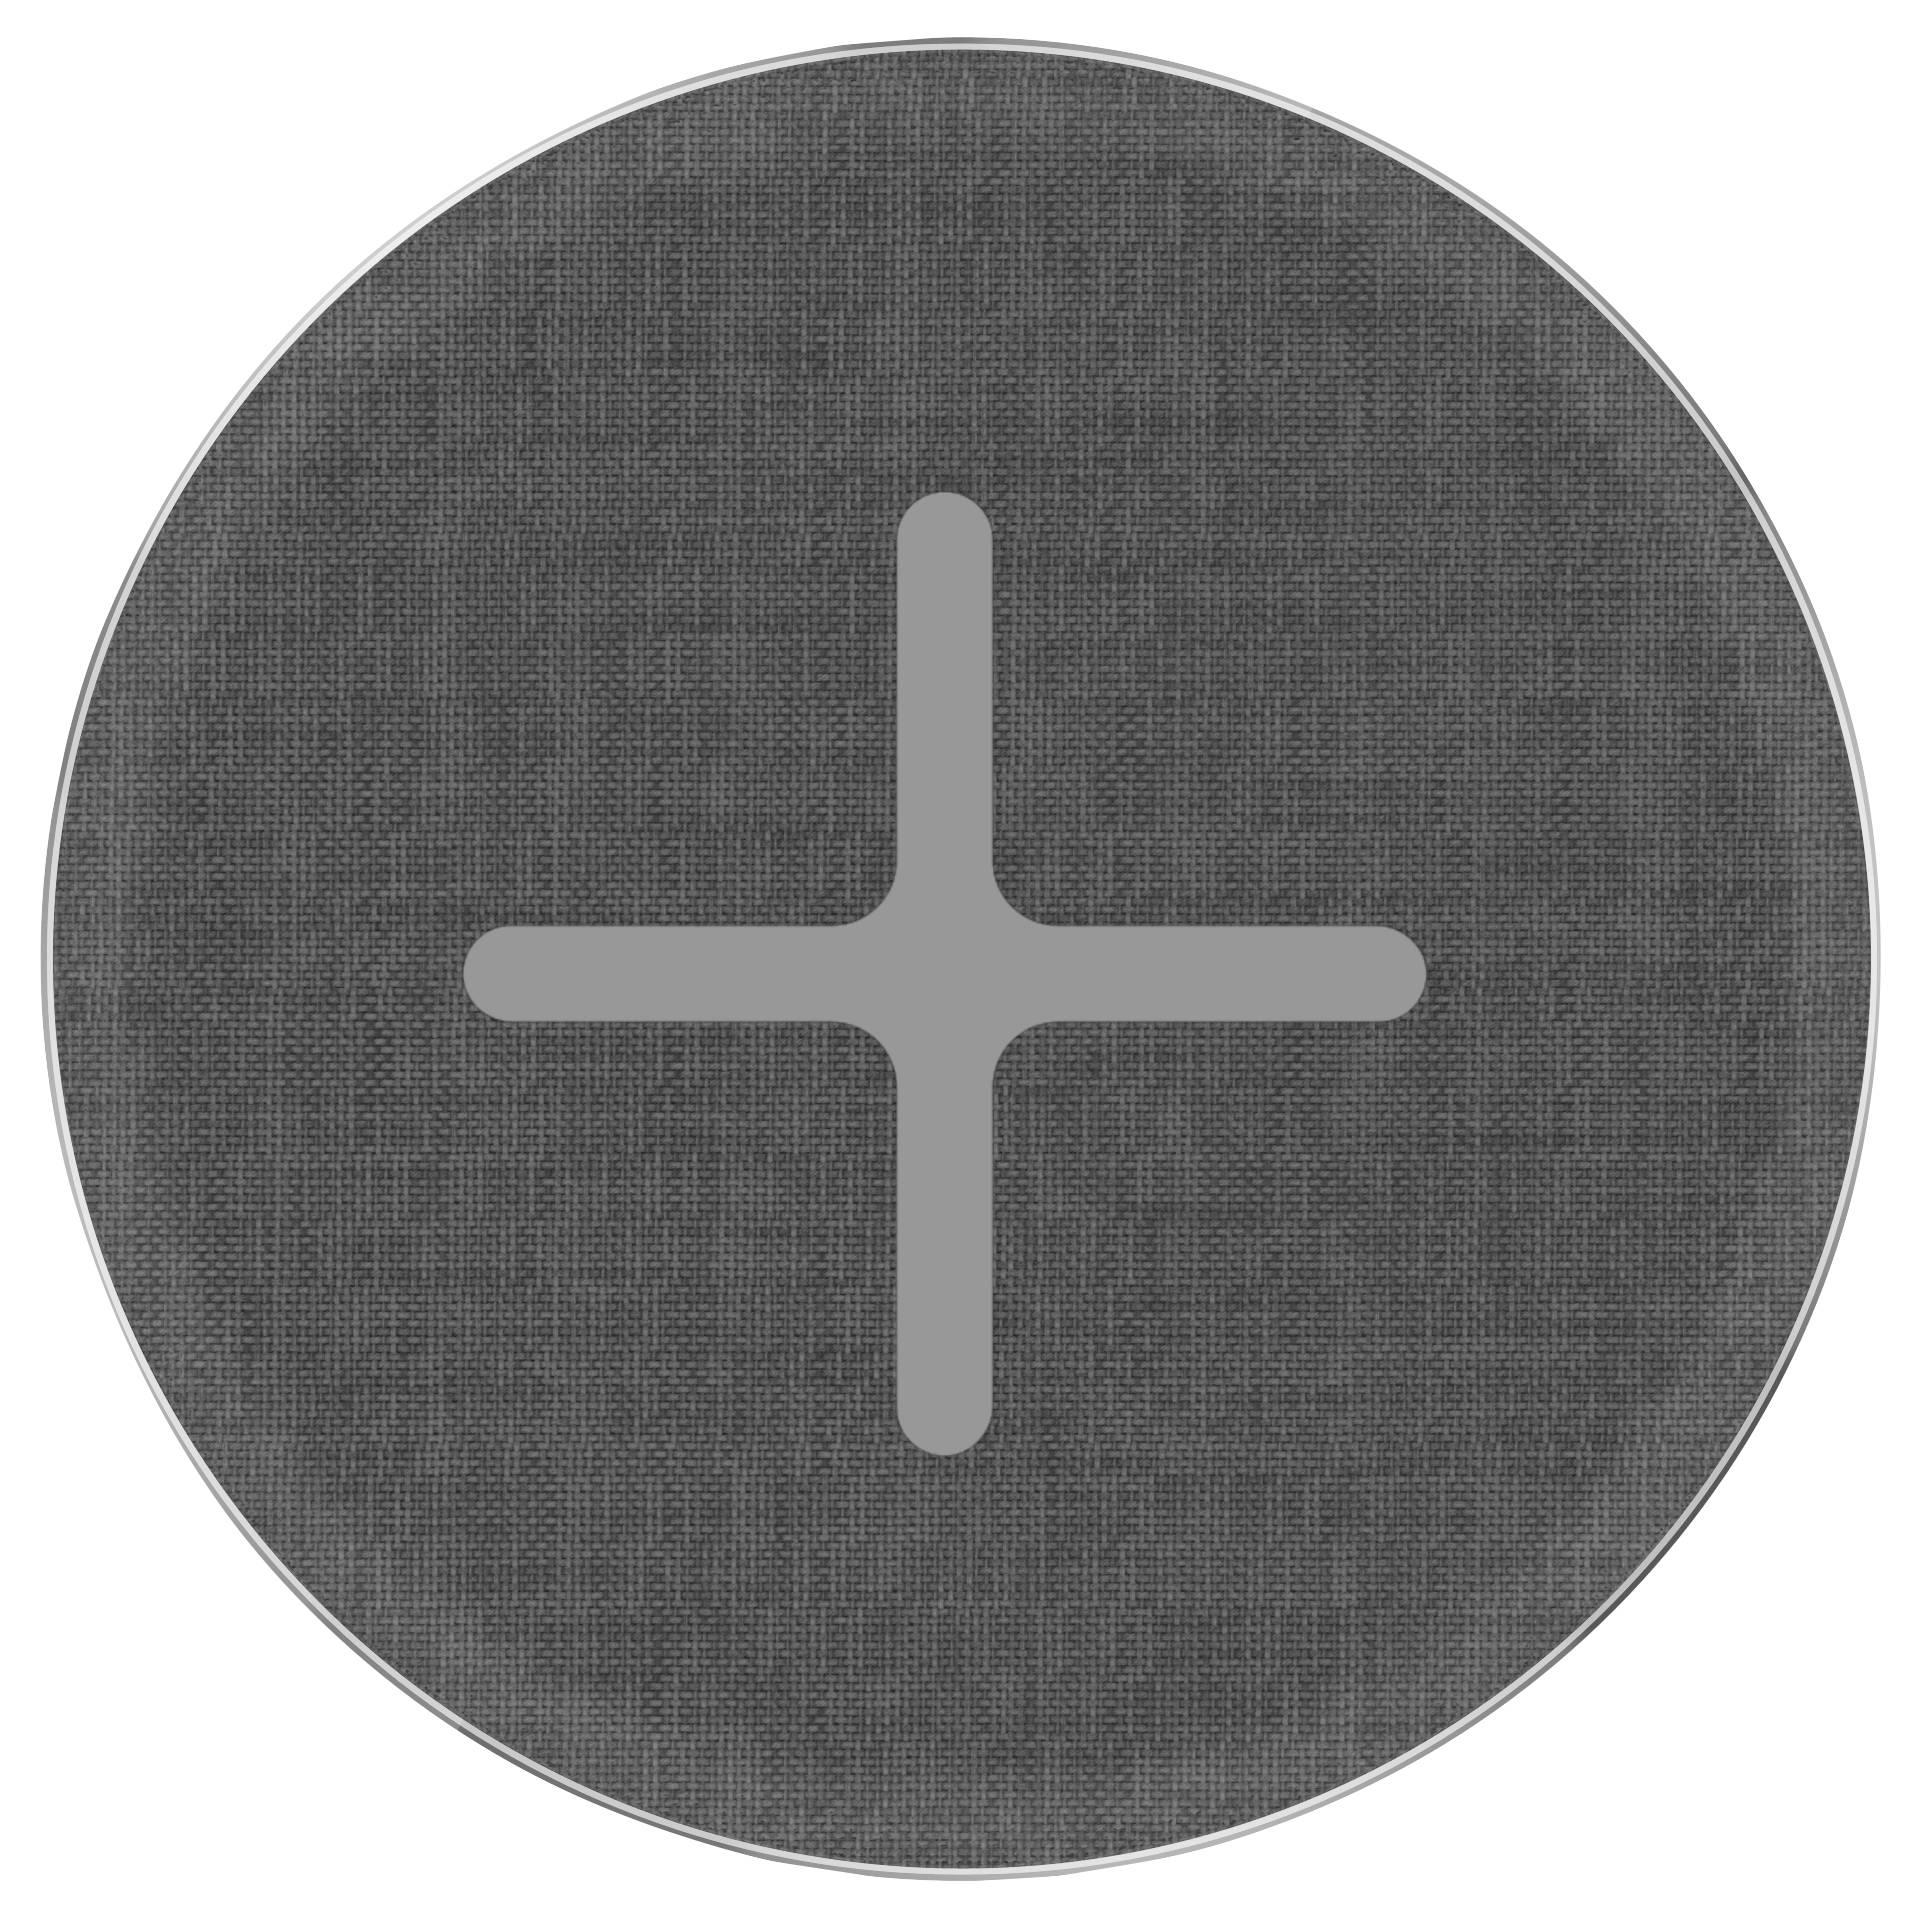 Xlayer Wireless Pad Single Space Grey